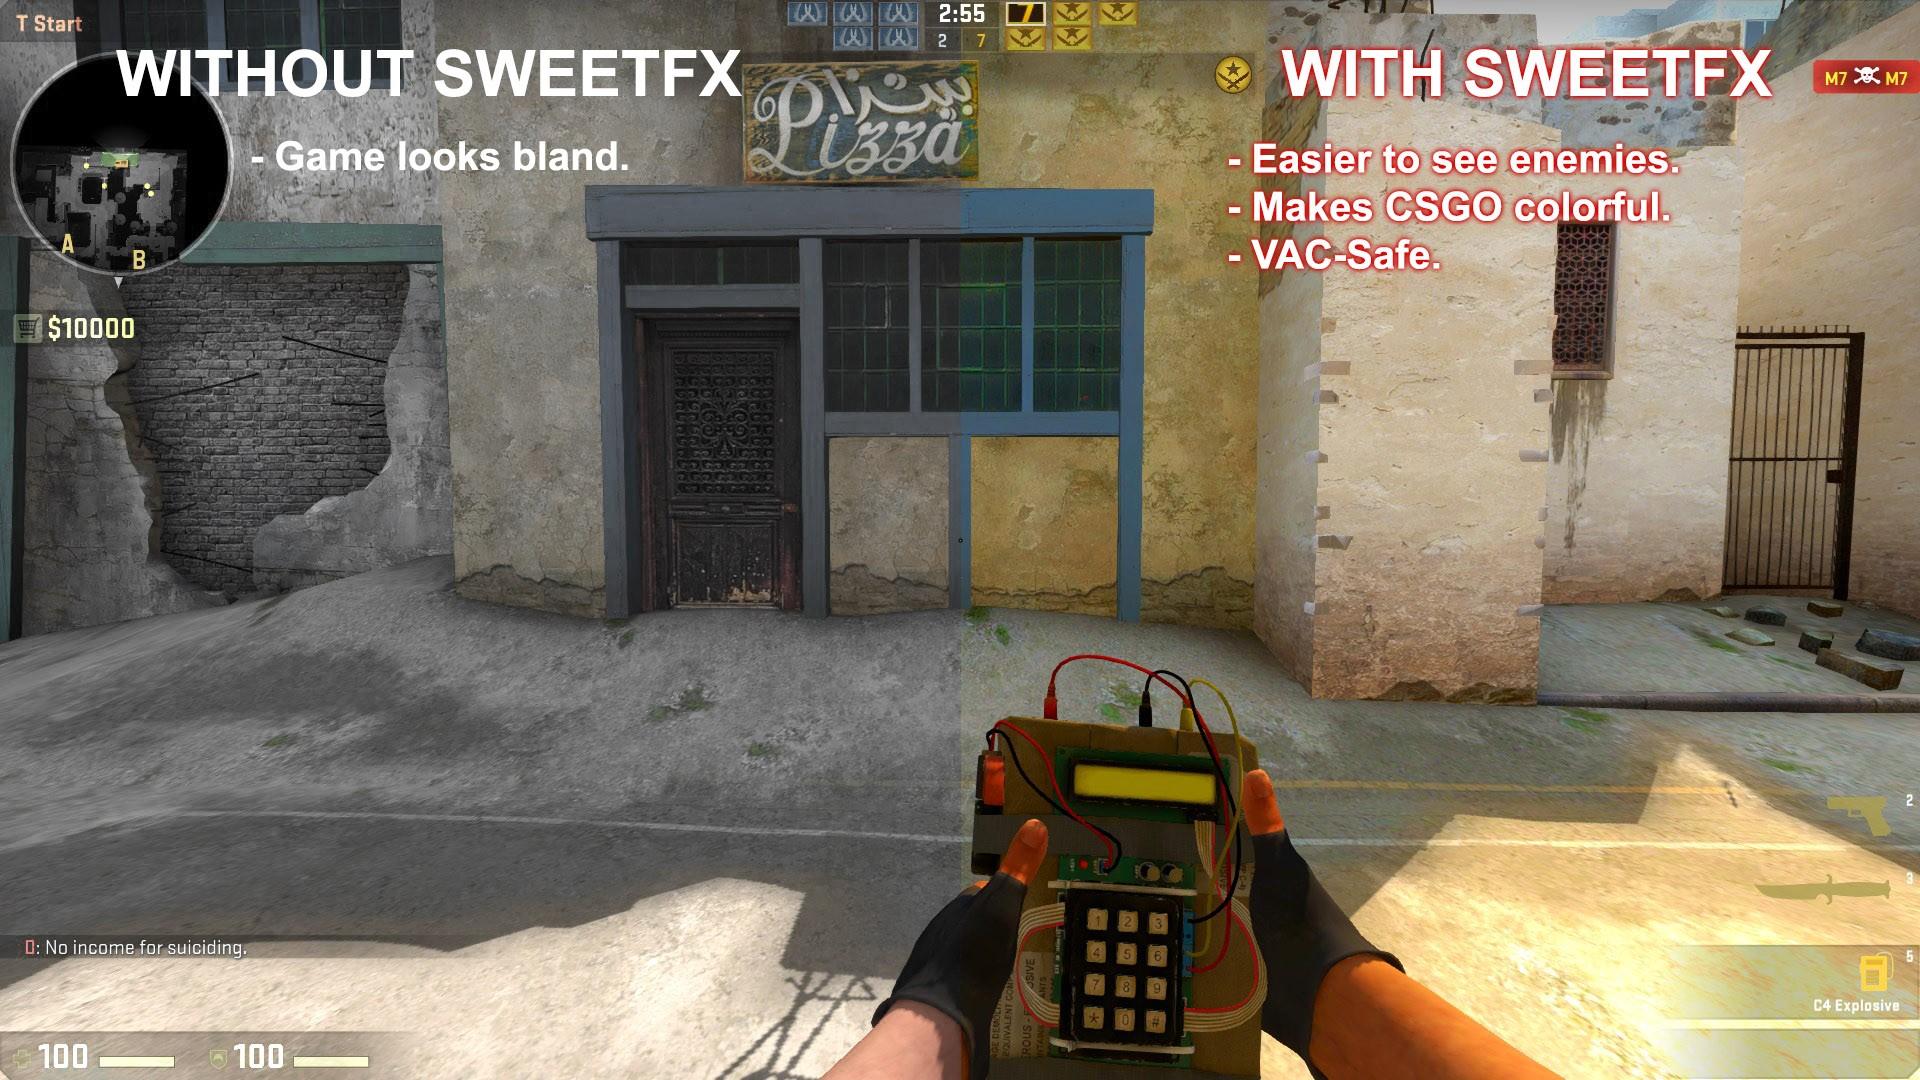 Sweetfx скачать программу